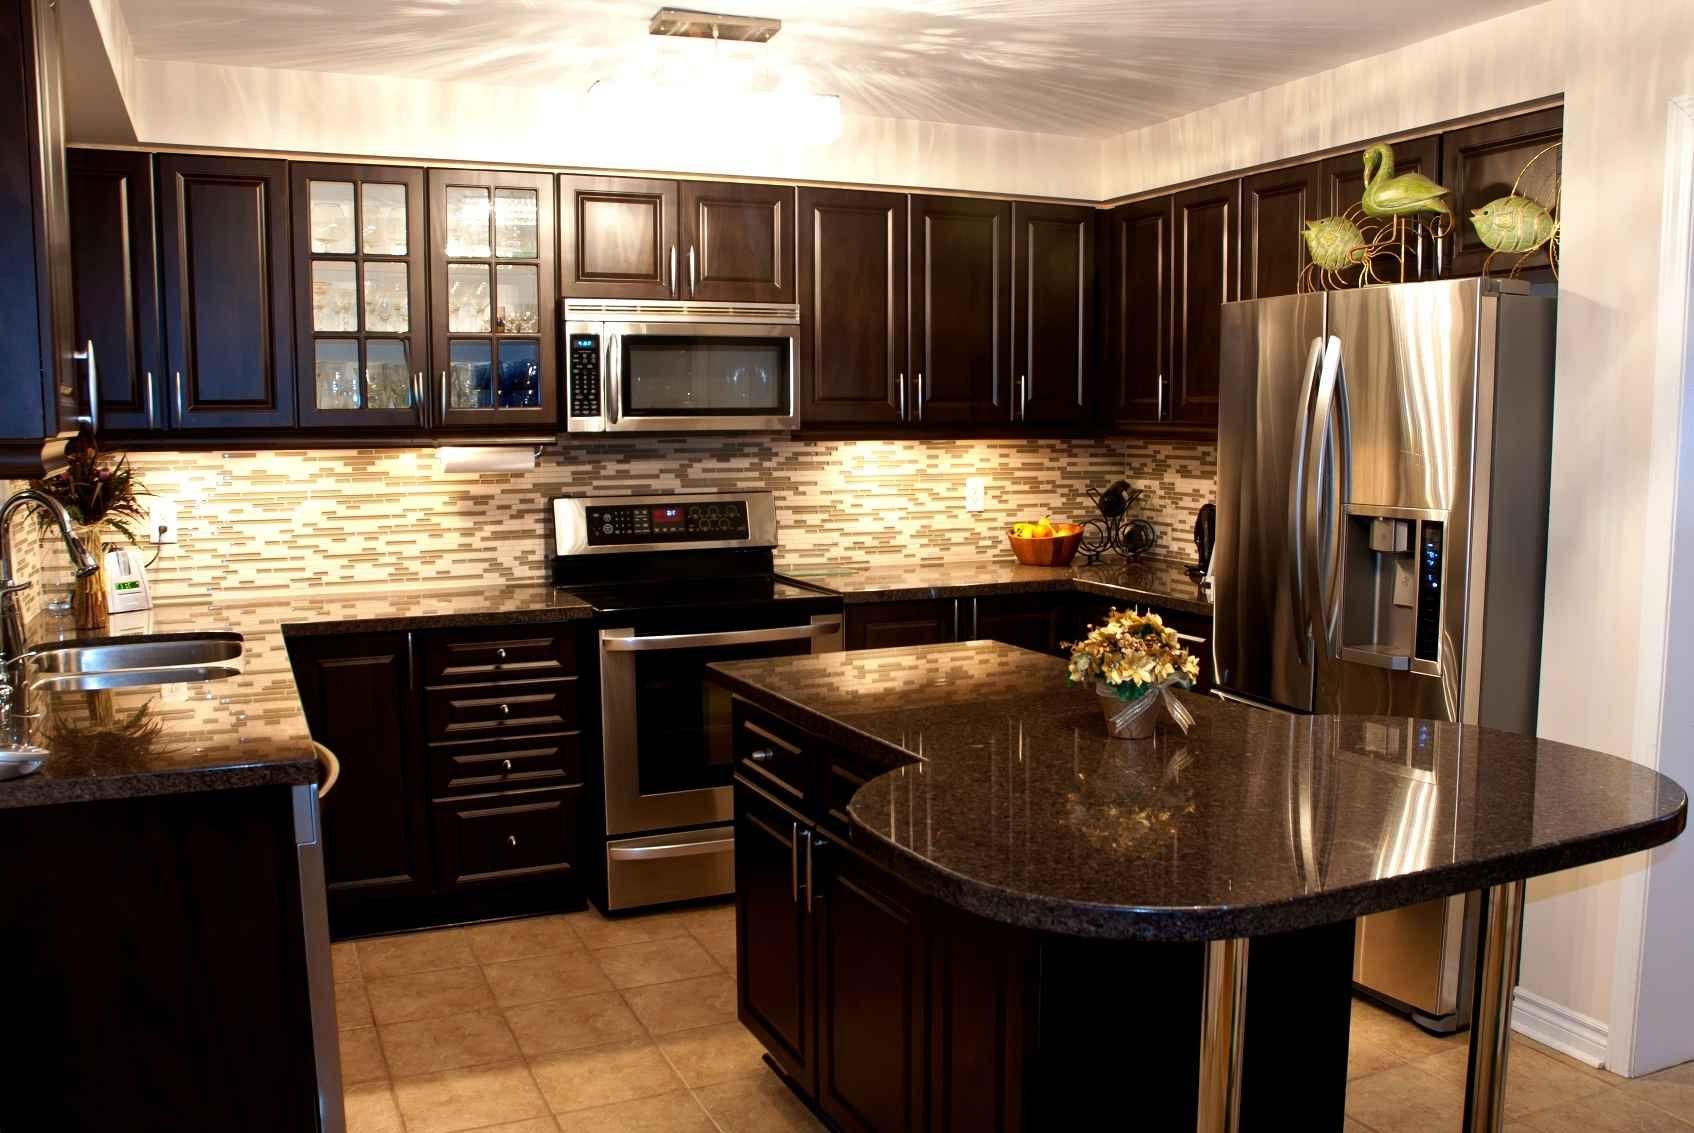 Dark Granite Countertops With Dark Cabinets Black Granite Countertops Dark Wood Kitchen Cabinets Brown Kitchen Cabinets